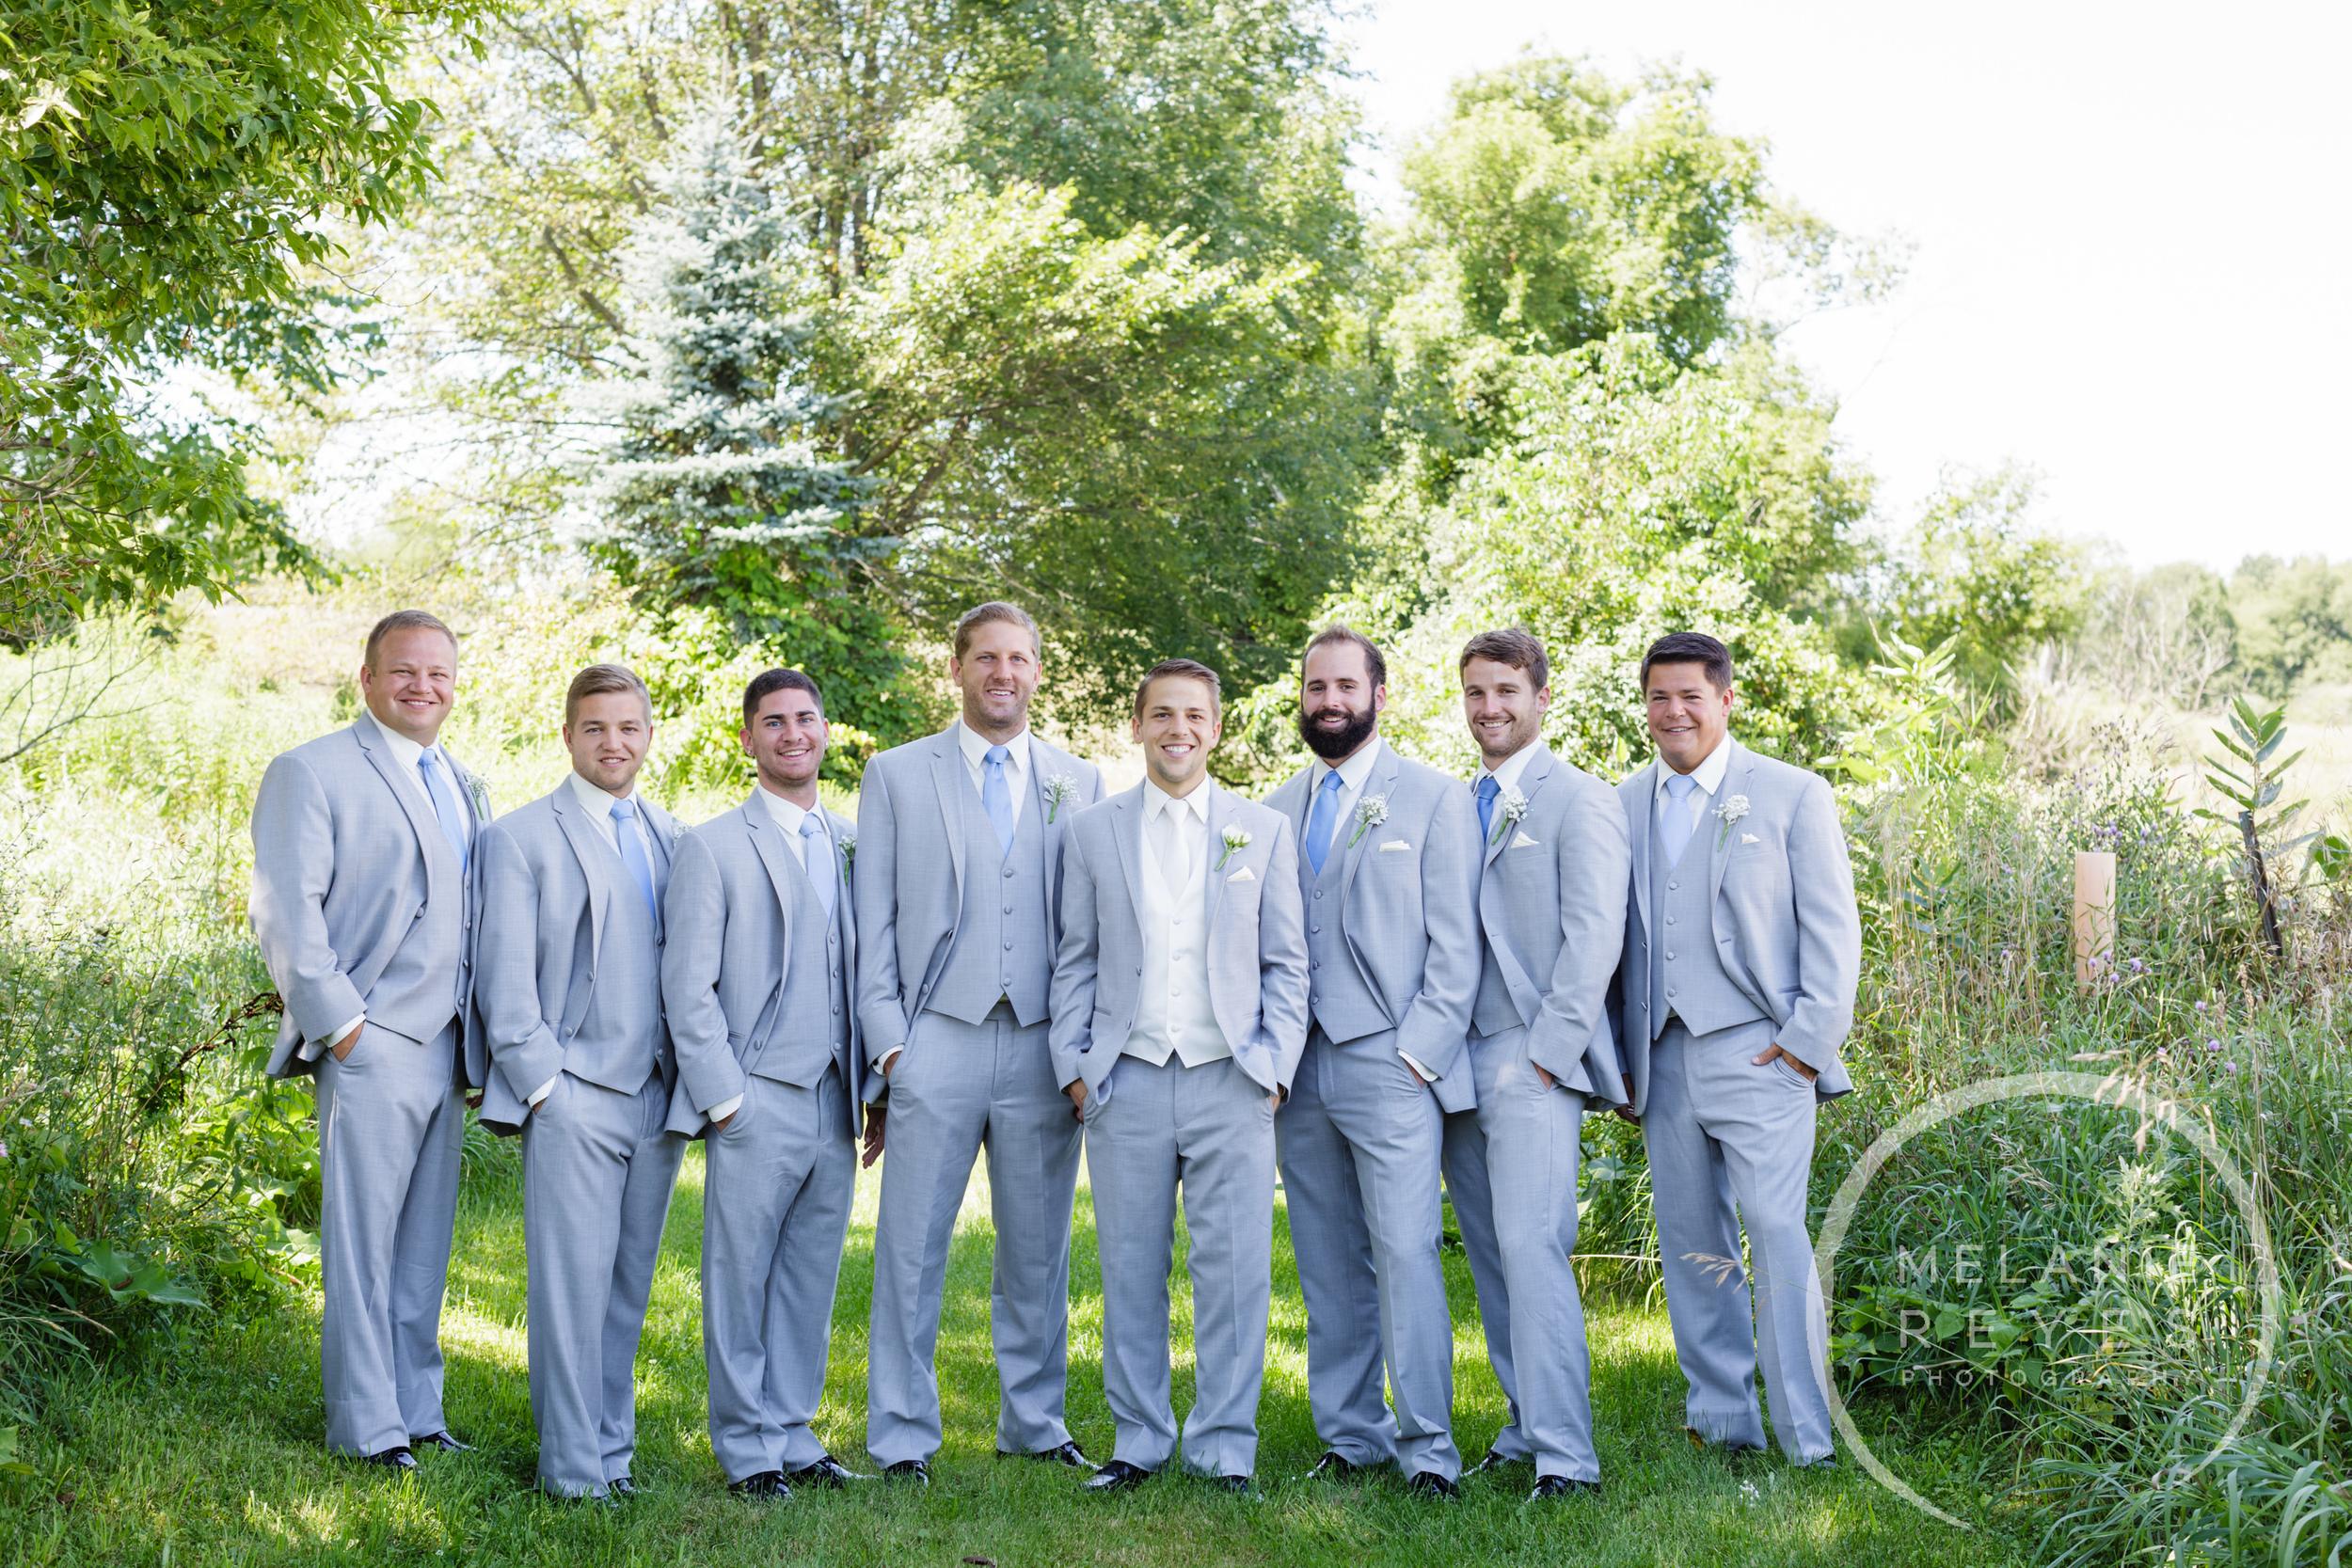 008_farm_wedding_melanie_reyes.JPG